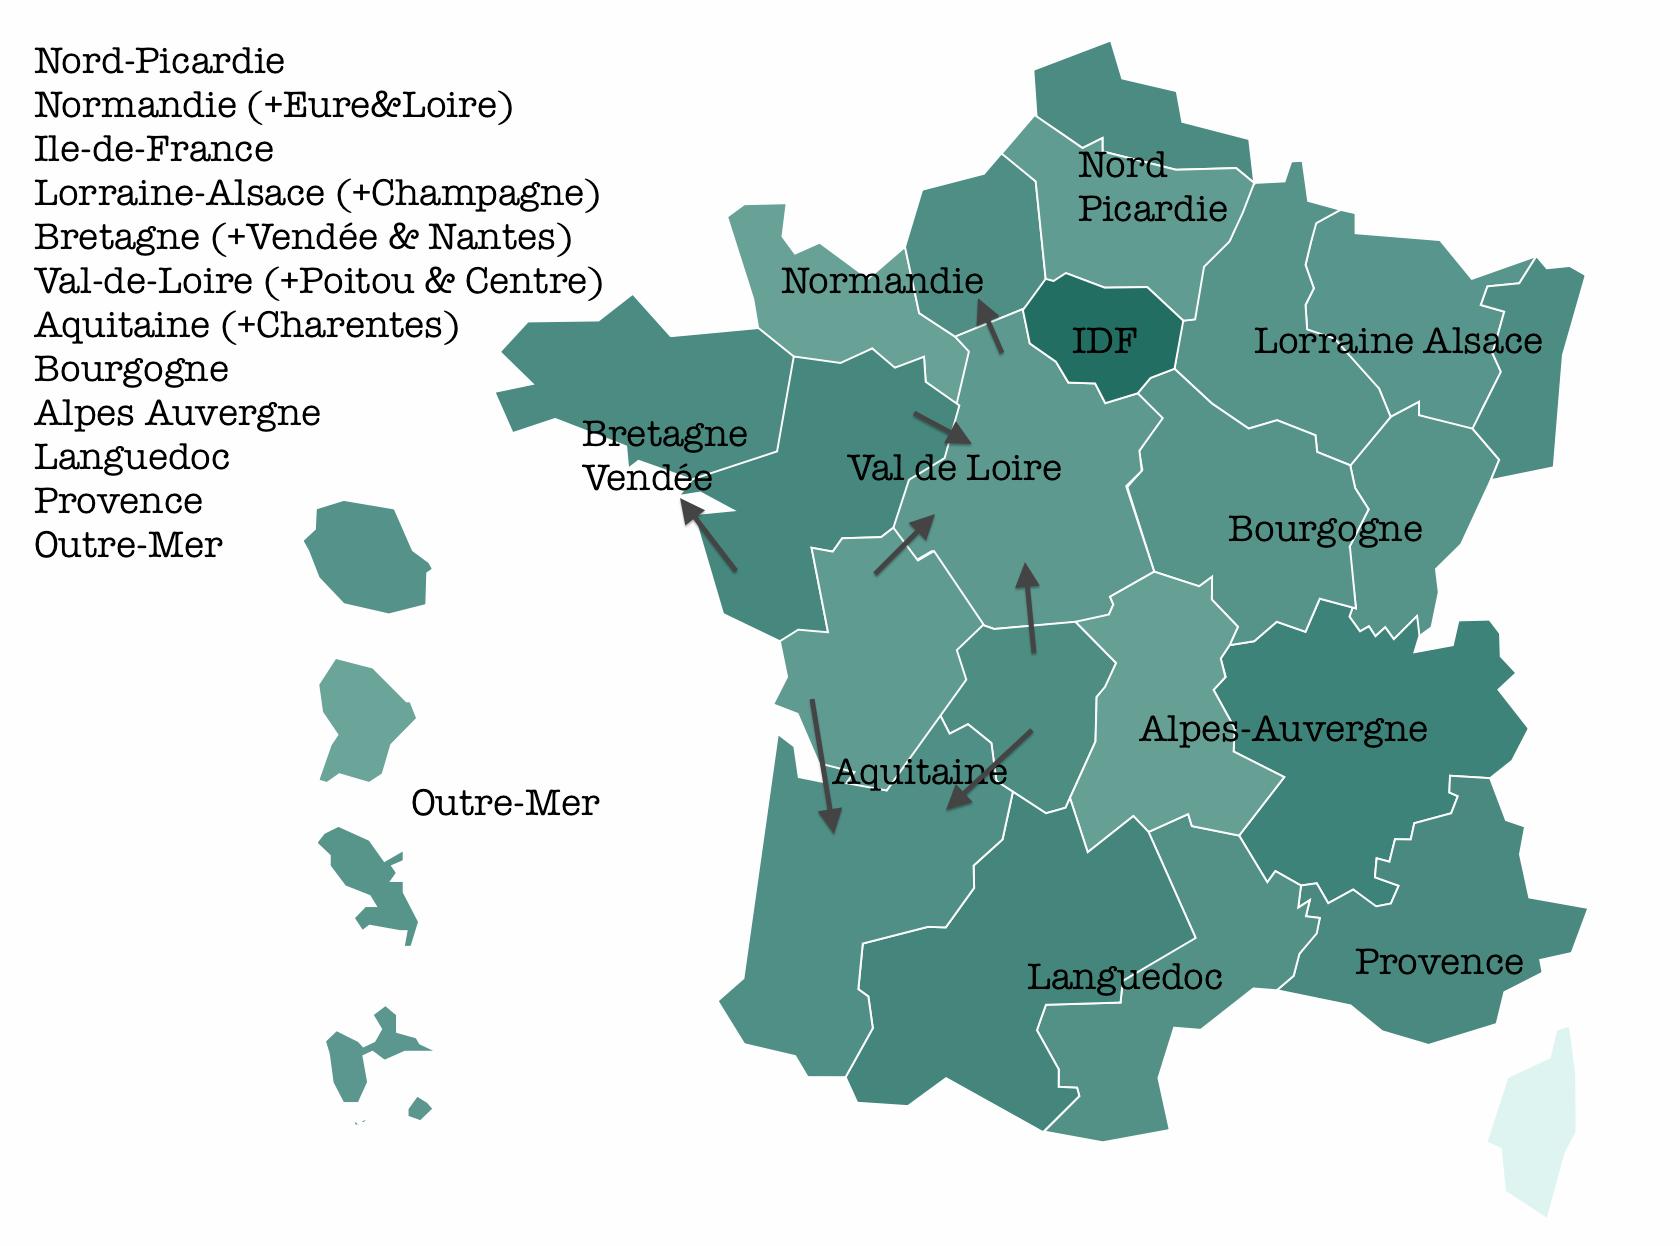 12 régions pour la réforme territoriale française